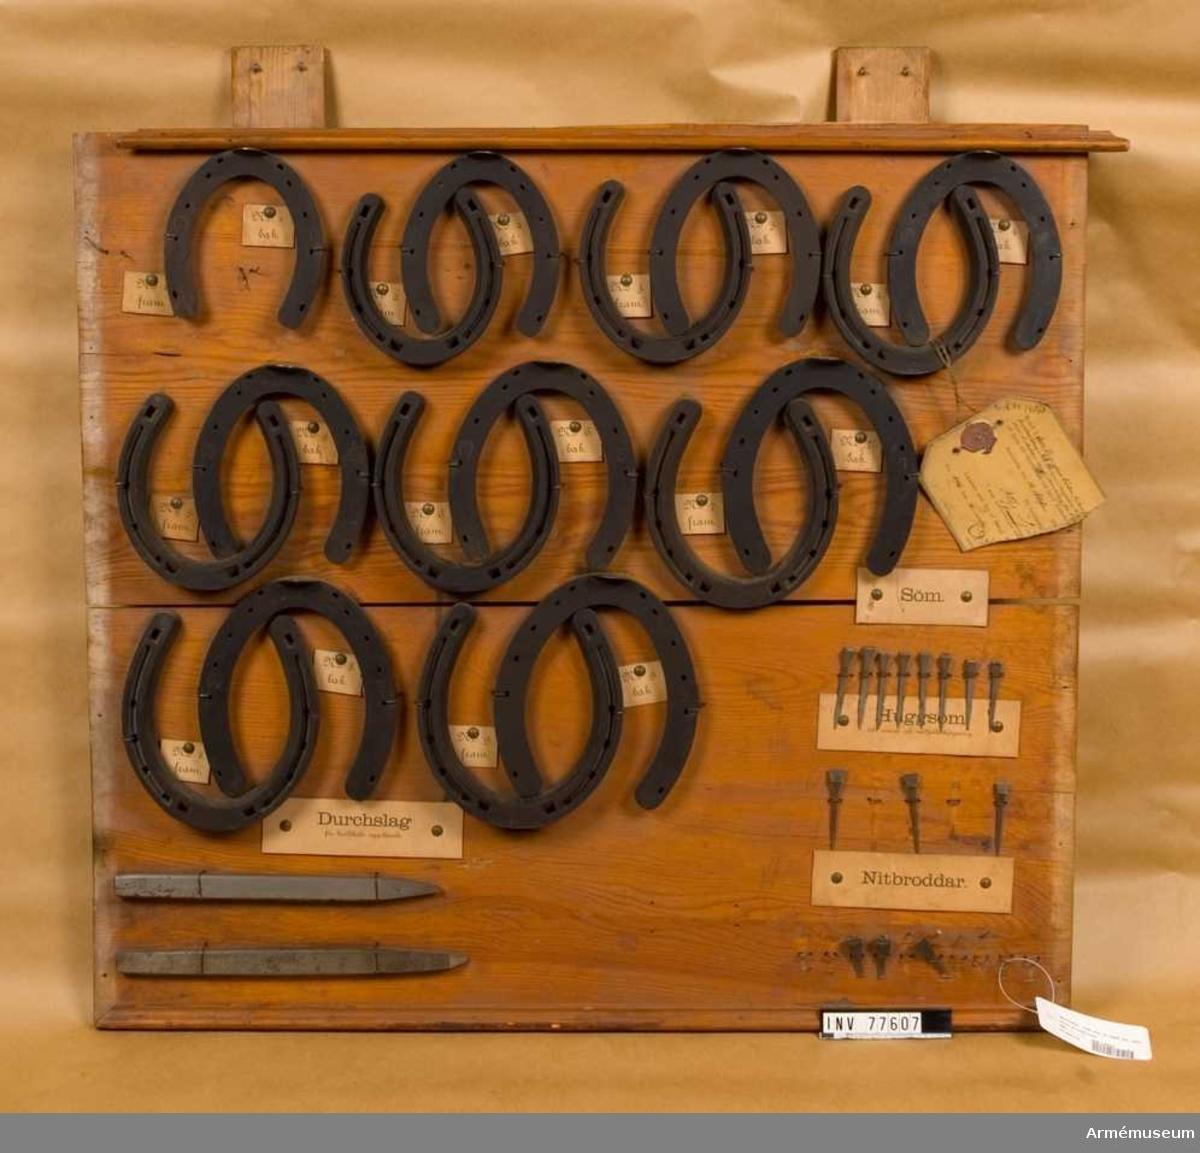 Grupp K: IV.  9 storlekar, jämte tillhörande nitbroddar, skarpa och stumma, huggsöm till reserv och nödfallskärpning, söm, tre storlekar, samt durchslag för broddhåls uppslående, 2 modeller. Sju satser vardera uppsatta på en träbricka.